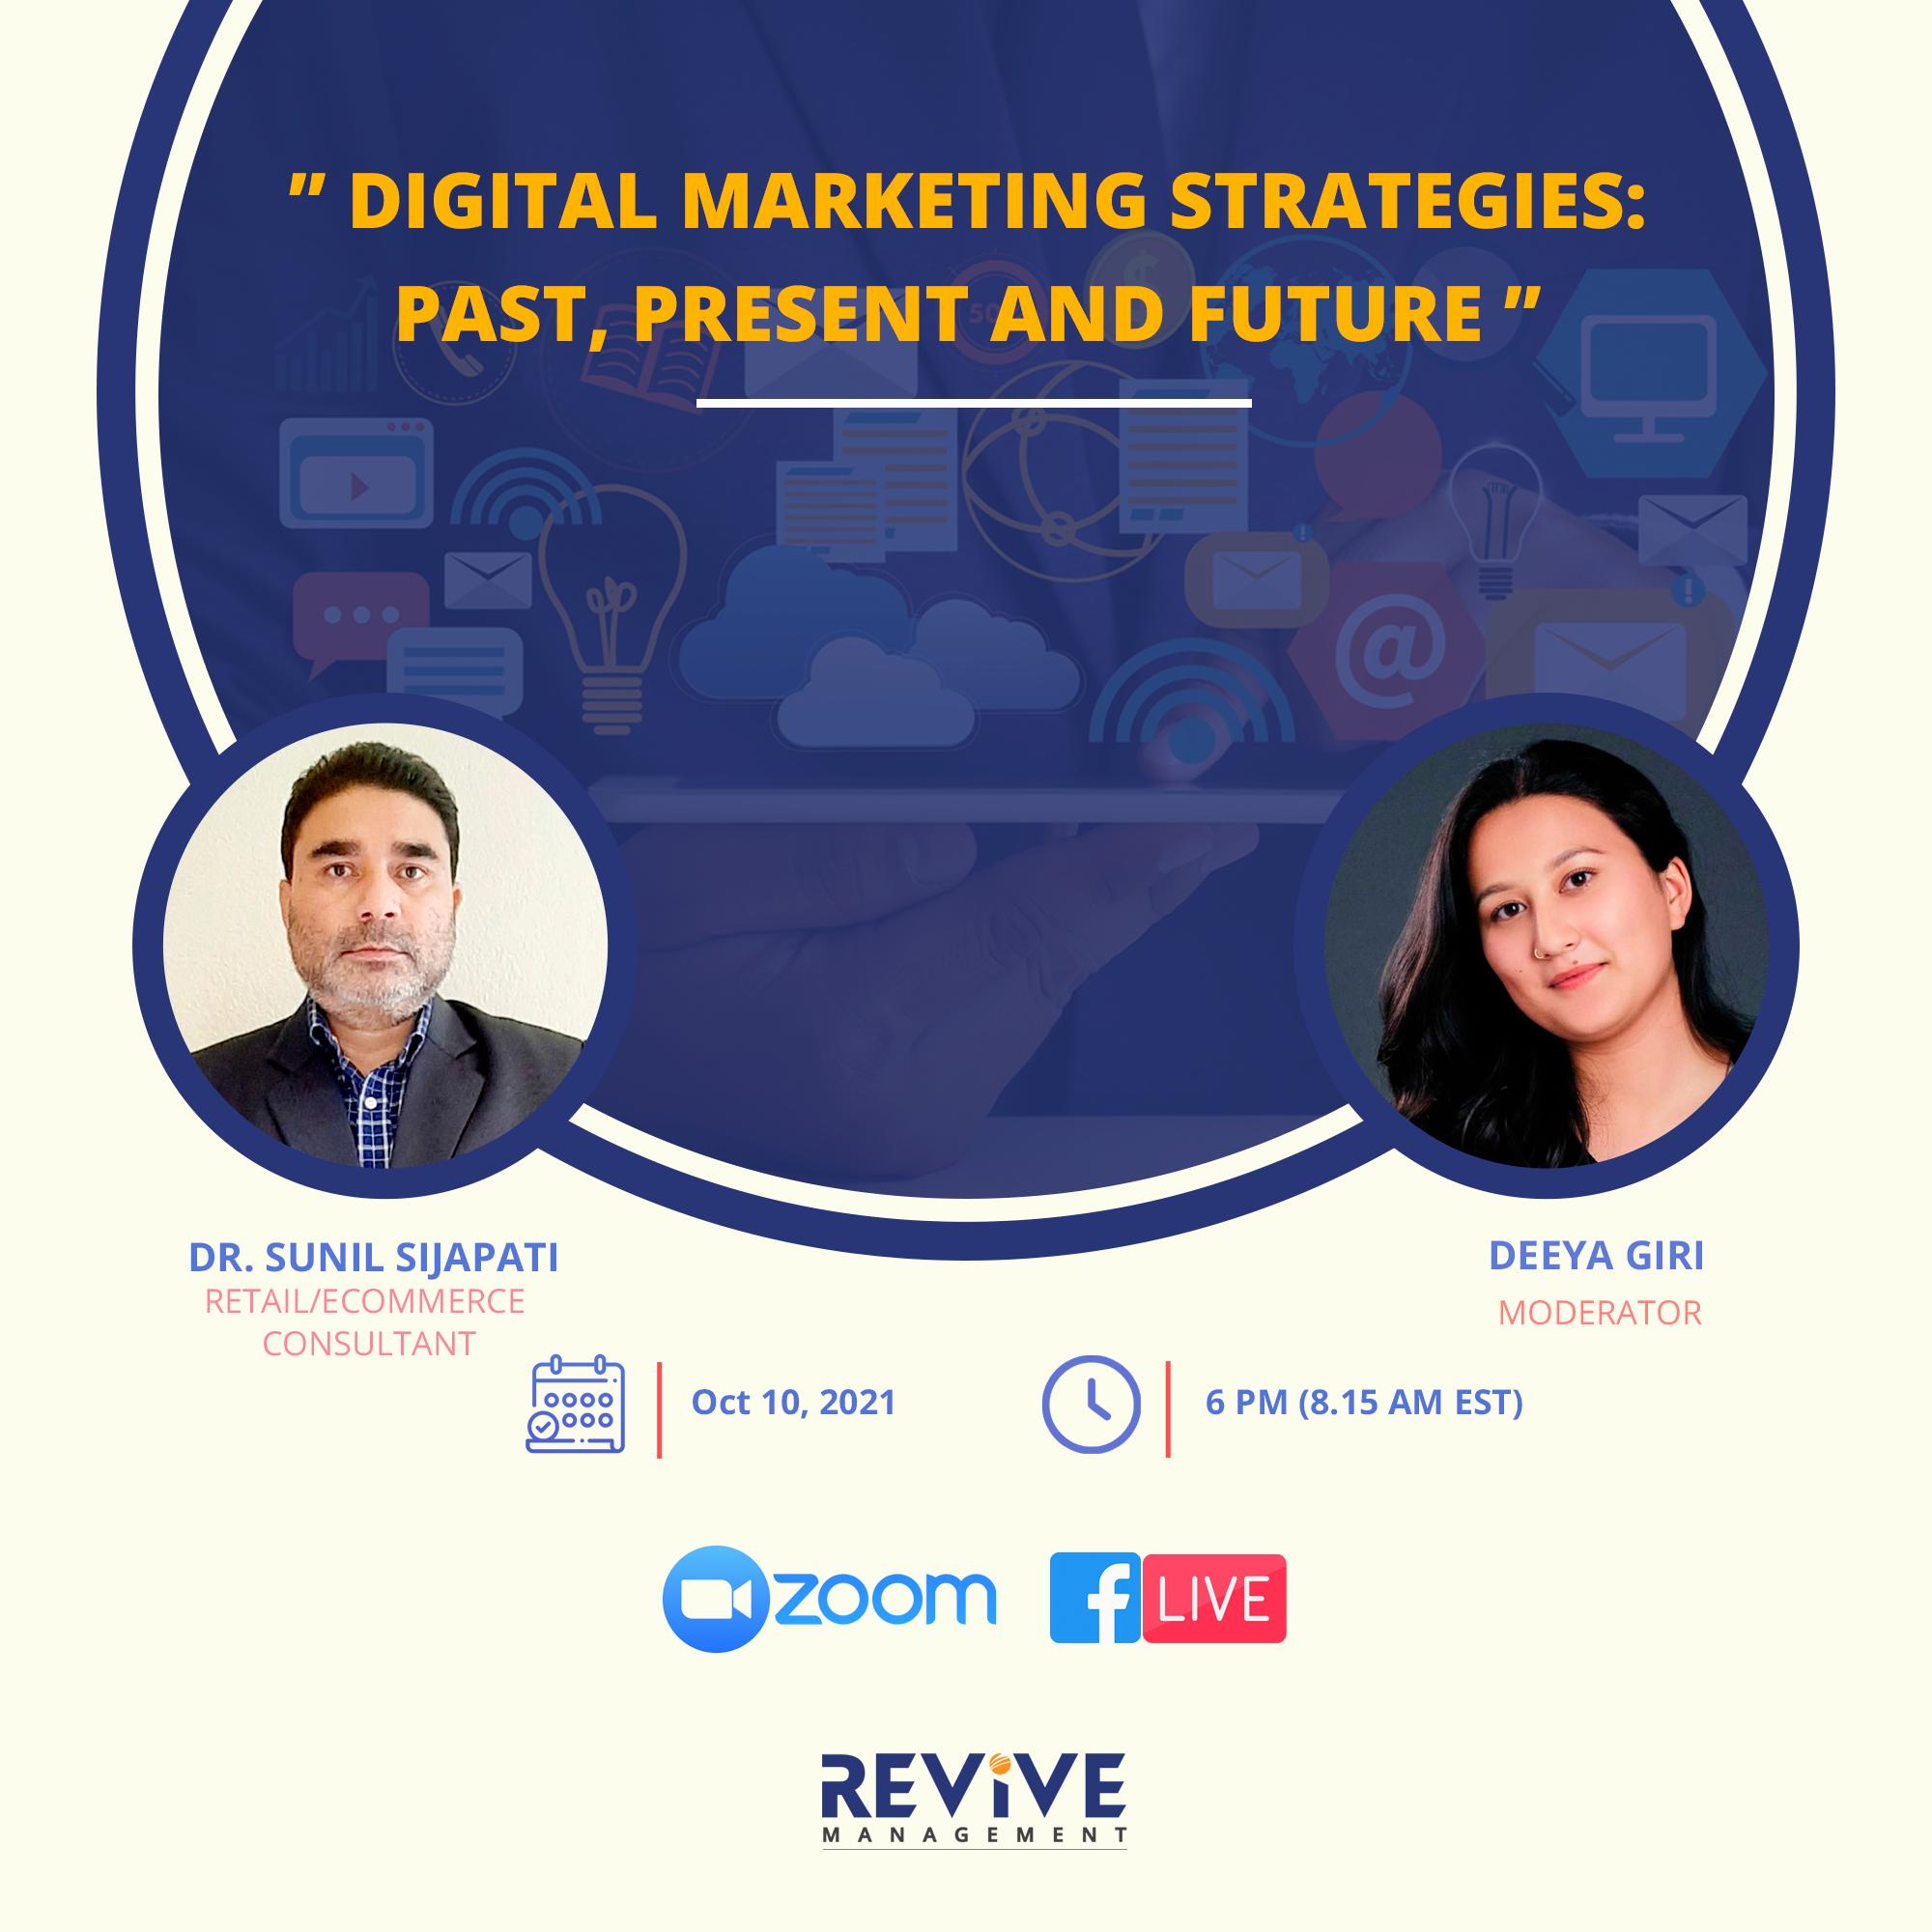 Digital Marketing Strategies: Past, Present, Future